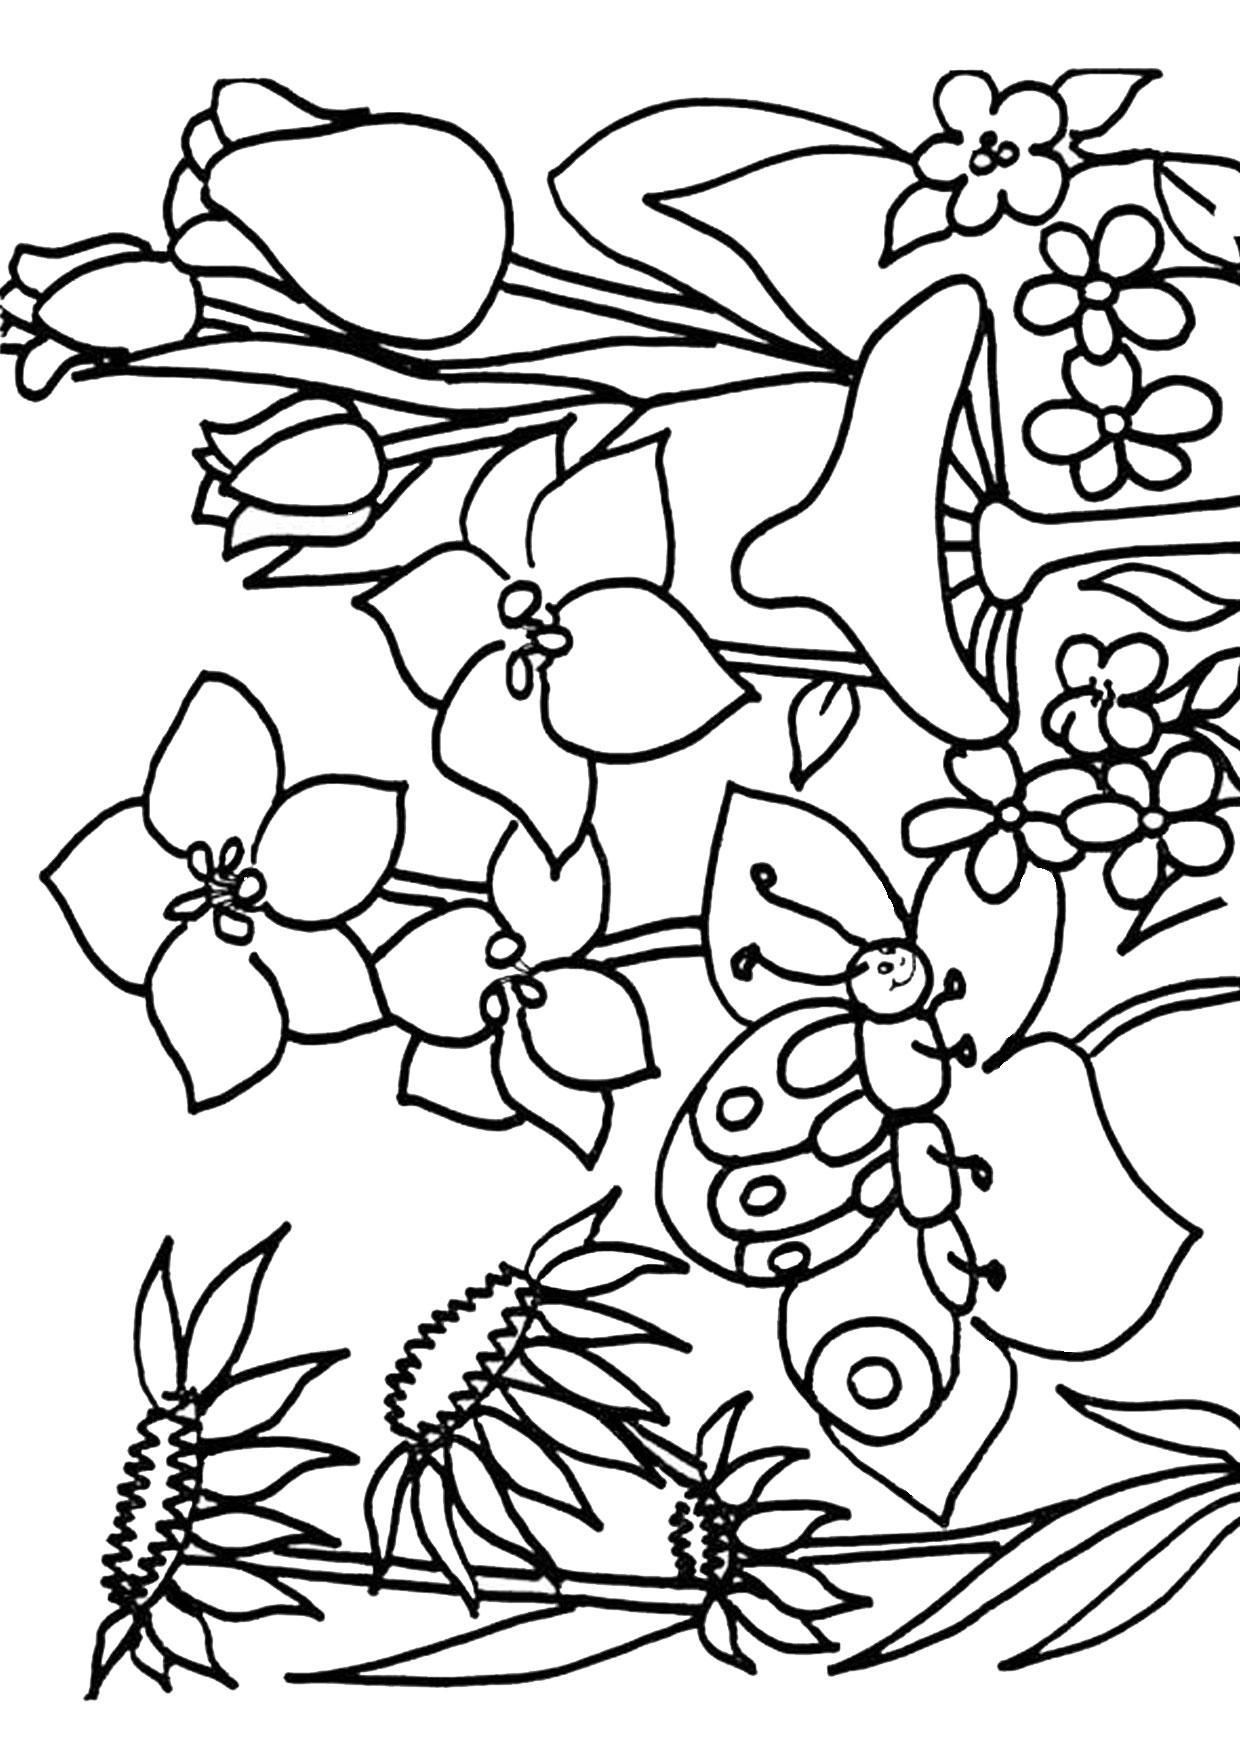 Disegno di paesaggio primaverile da colorare 13